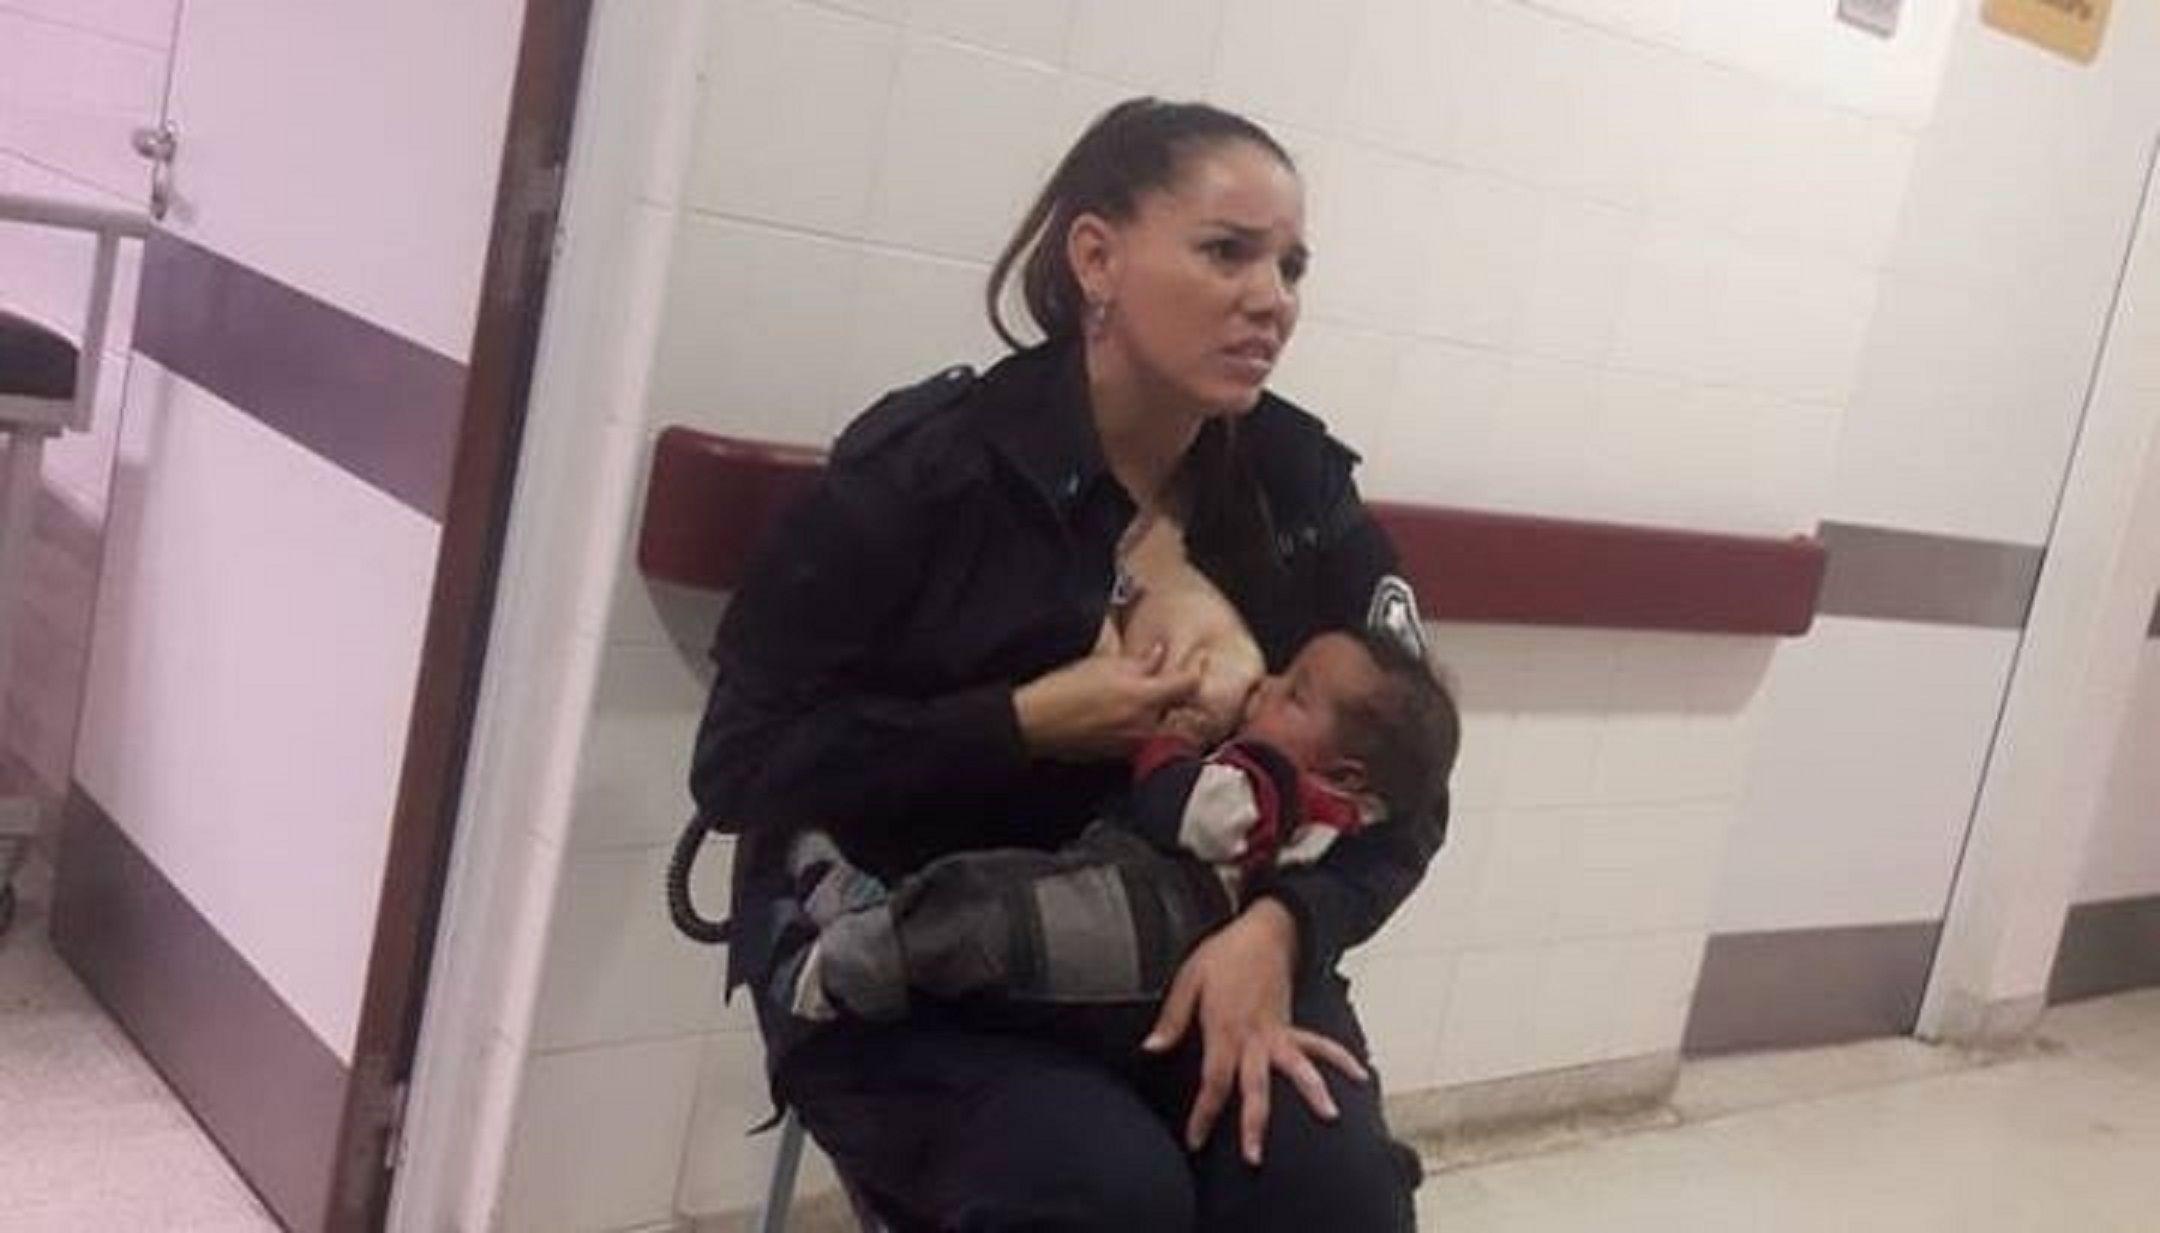 Habló la policía que amamantó al bebé: Lo acerqué a mi teta y luego no me quería soltar